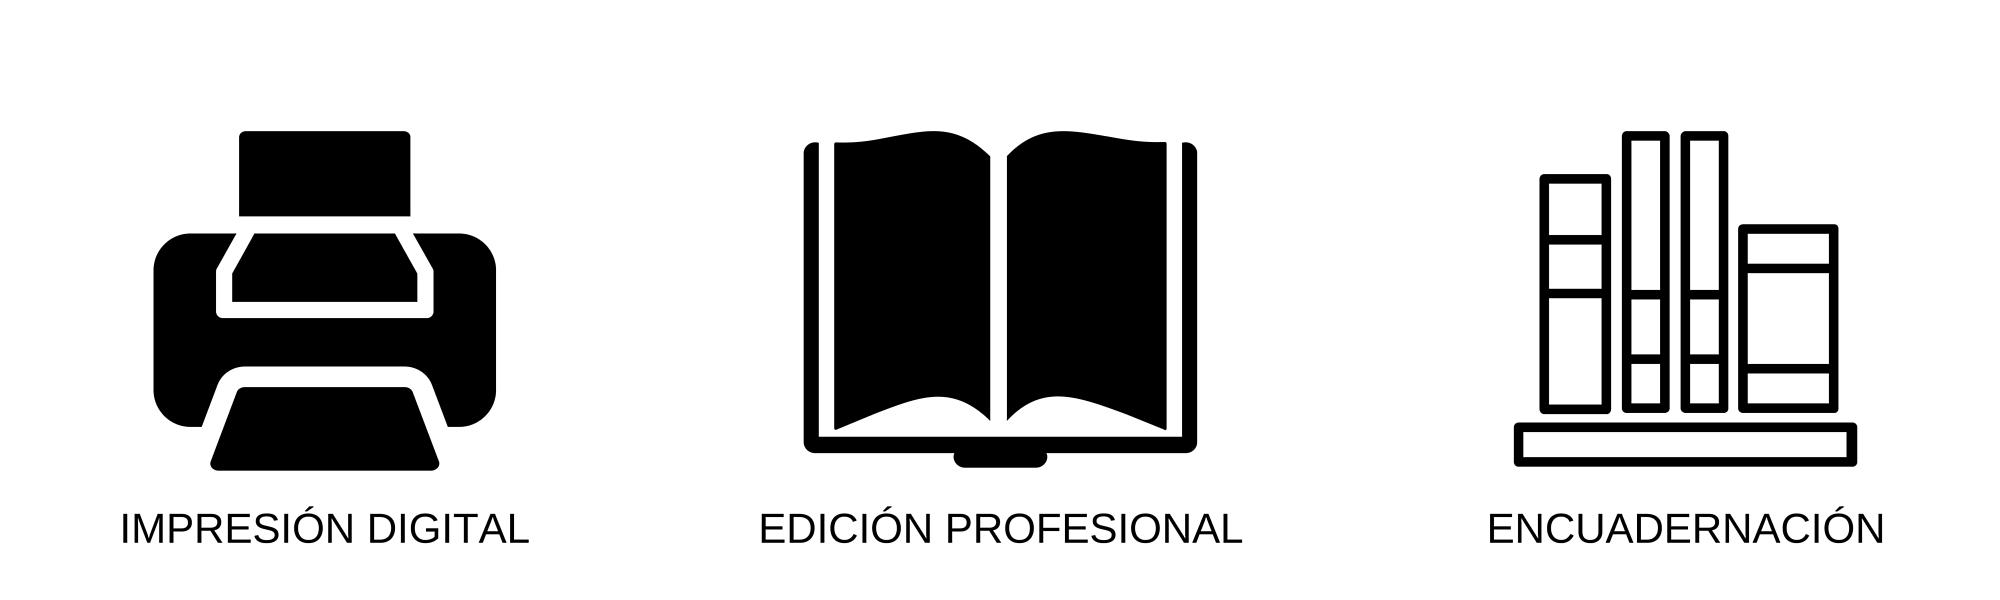 Impresión digital, edición profesional y encuadernación.